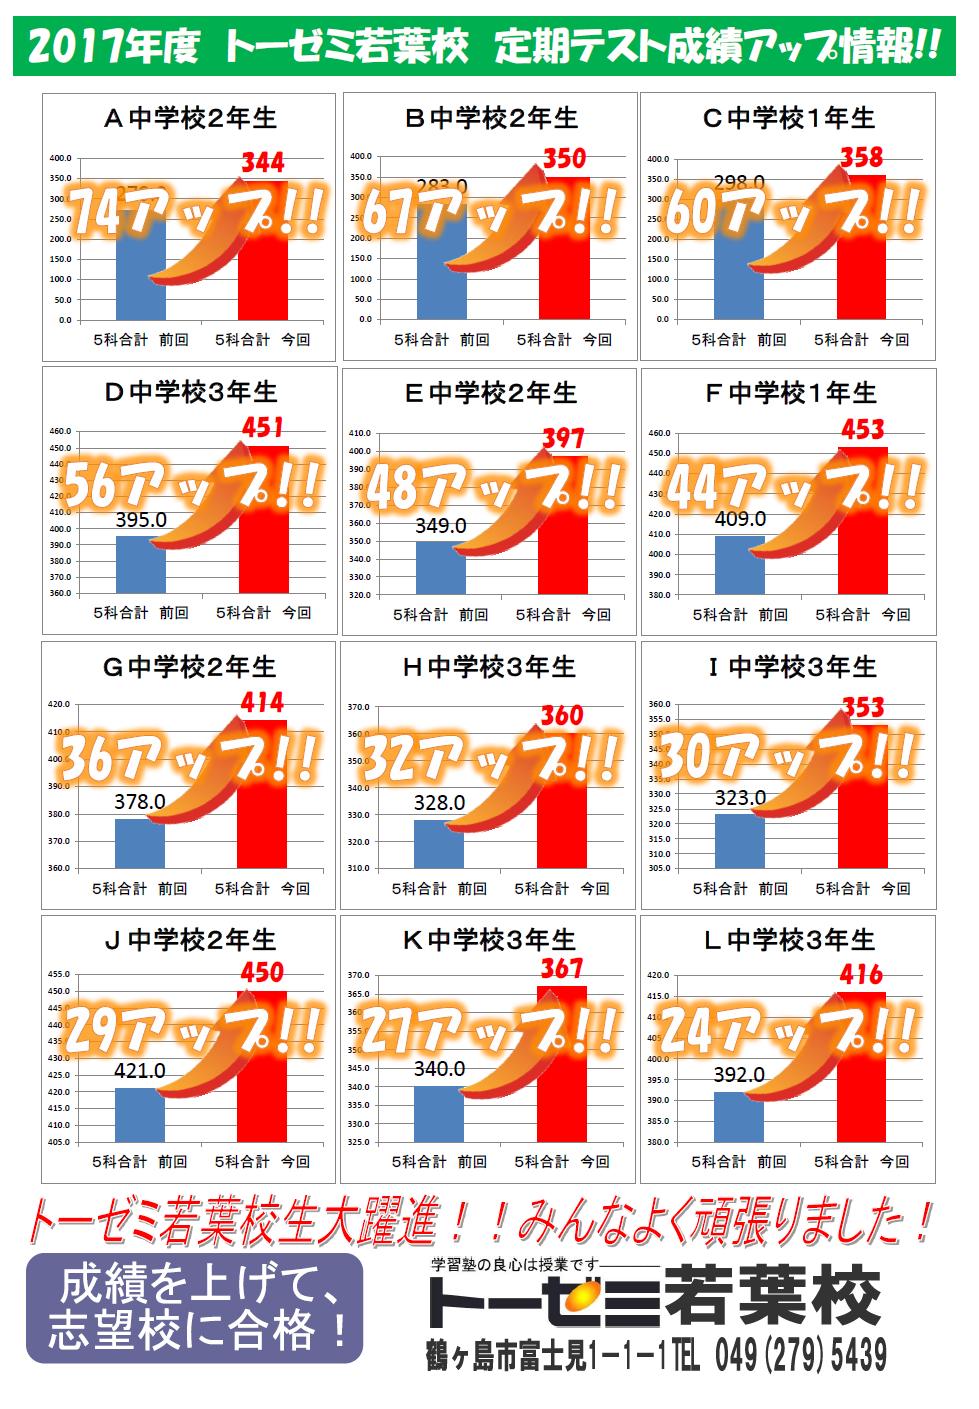 2%e5%ad%a6%e6%9c%9f%e6%9c%9f%e6%9c%ab%e3%83%bb%e5%be%8c%e6%9c%9f%e4%b8%ad%e9%96%93%e6%88%90%e7%b8%be%e3%82%a2%e3%83%83%e3%83%97